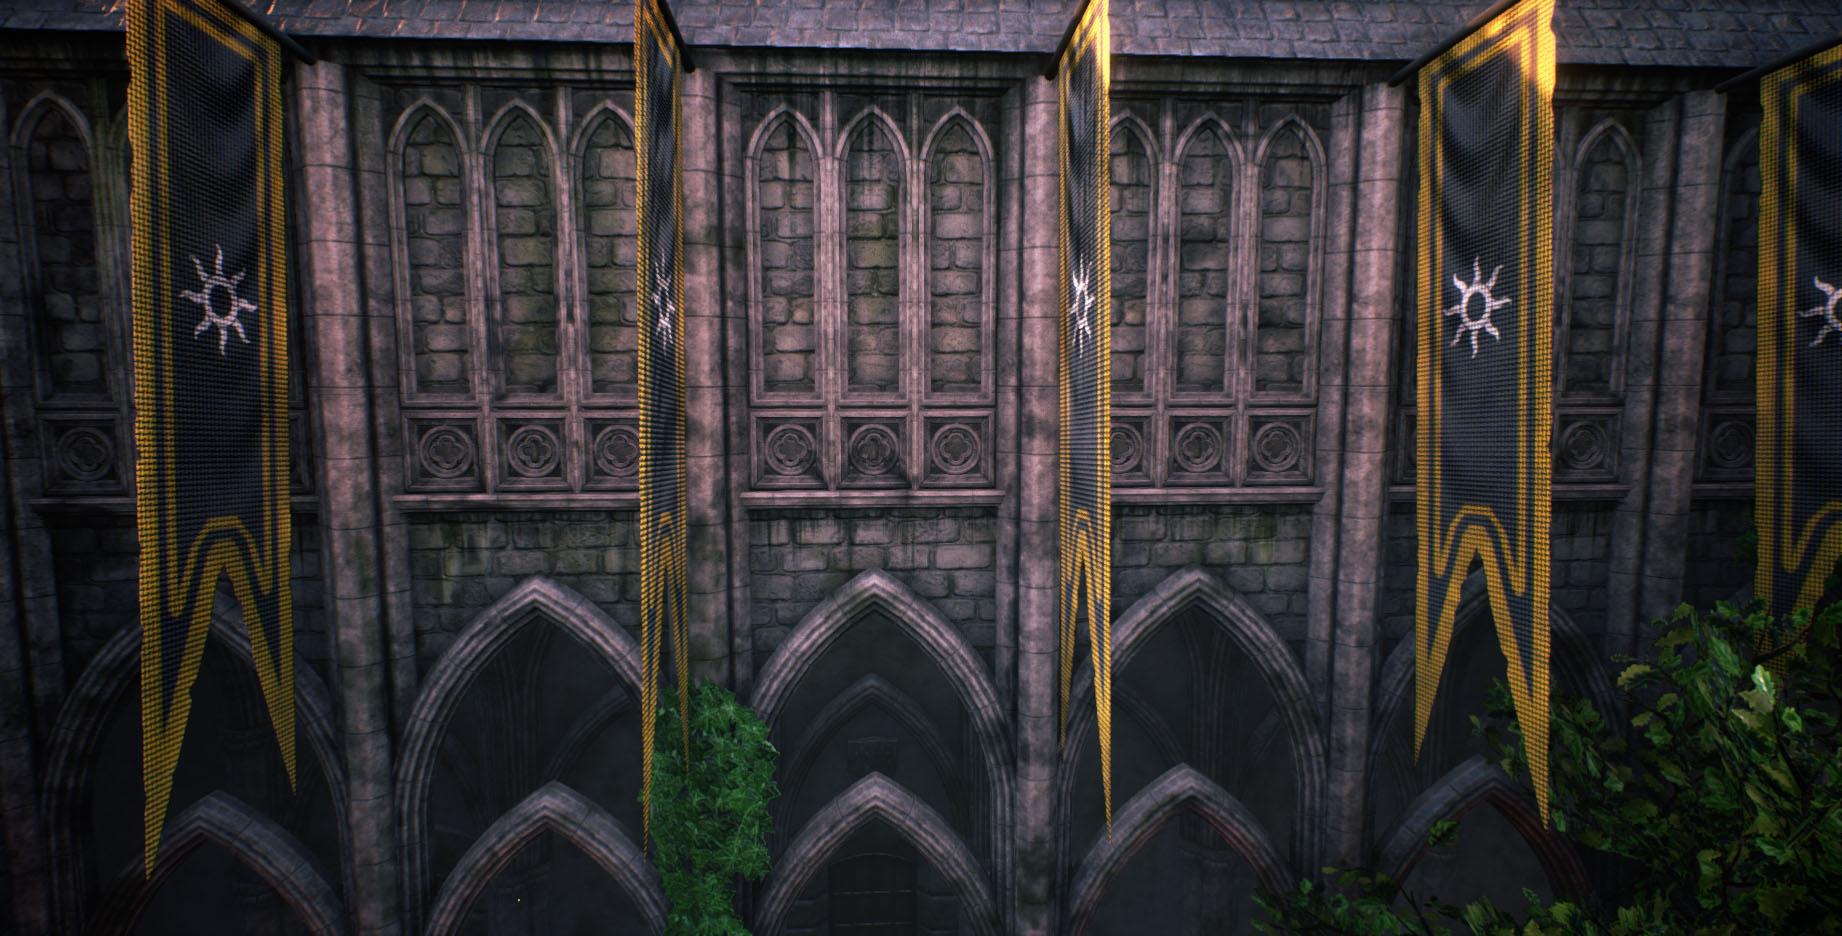 courtyard_wip13_2.jpg